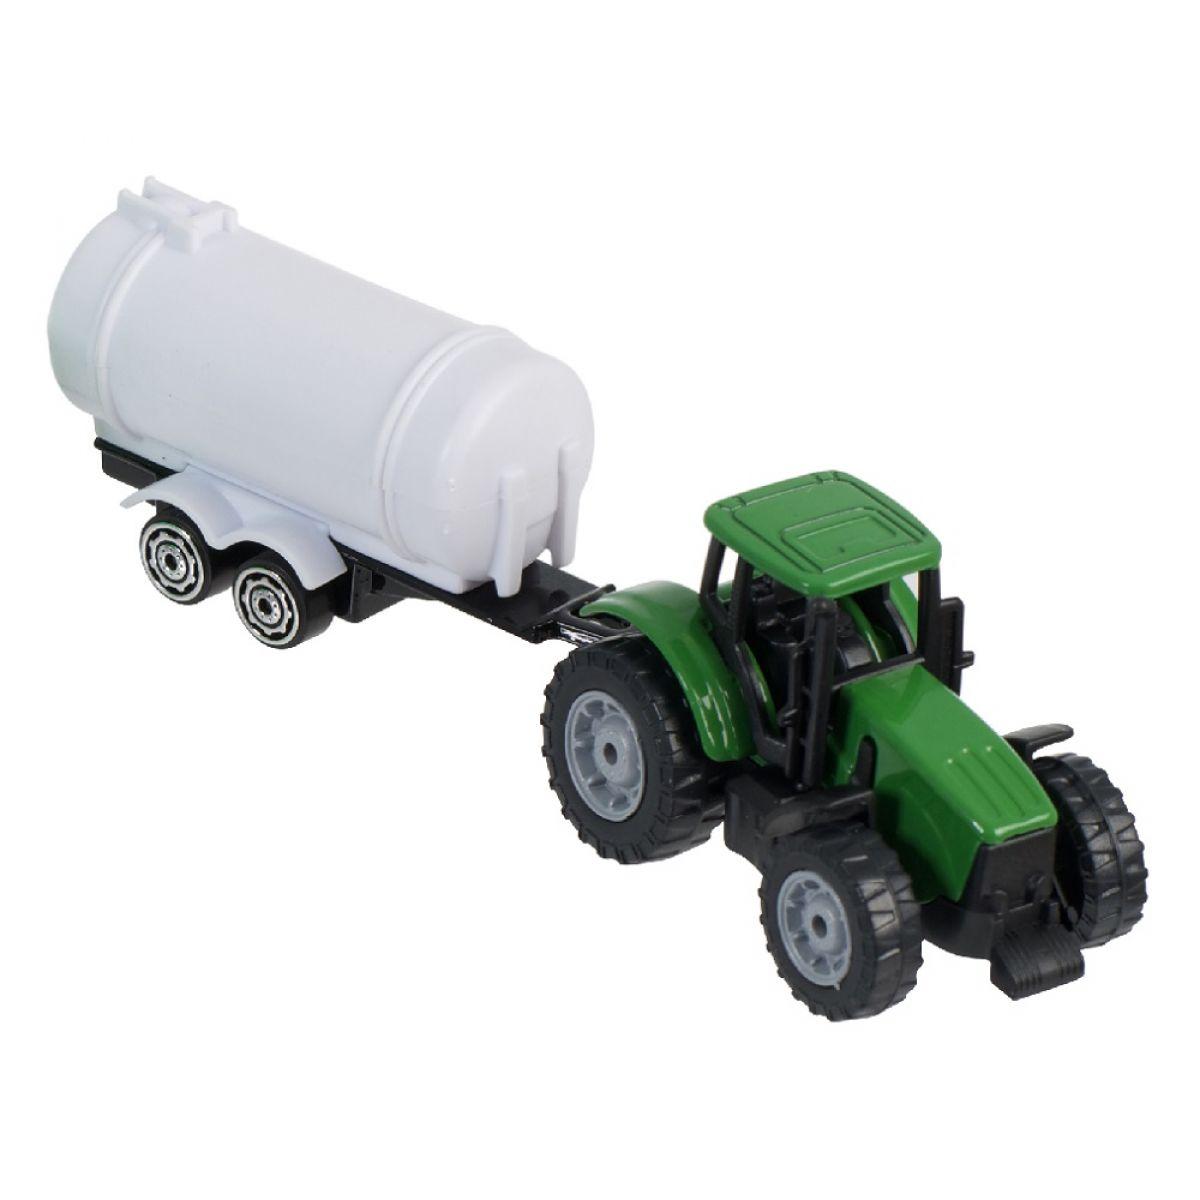 Teamsterz Traktor s prívesom - Zelený traktor s cisternou